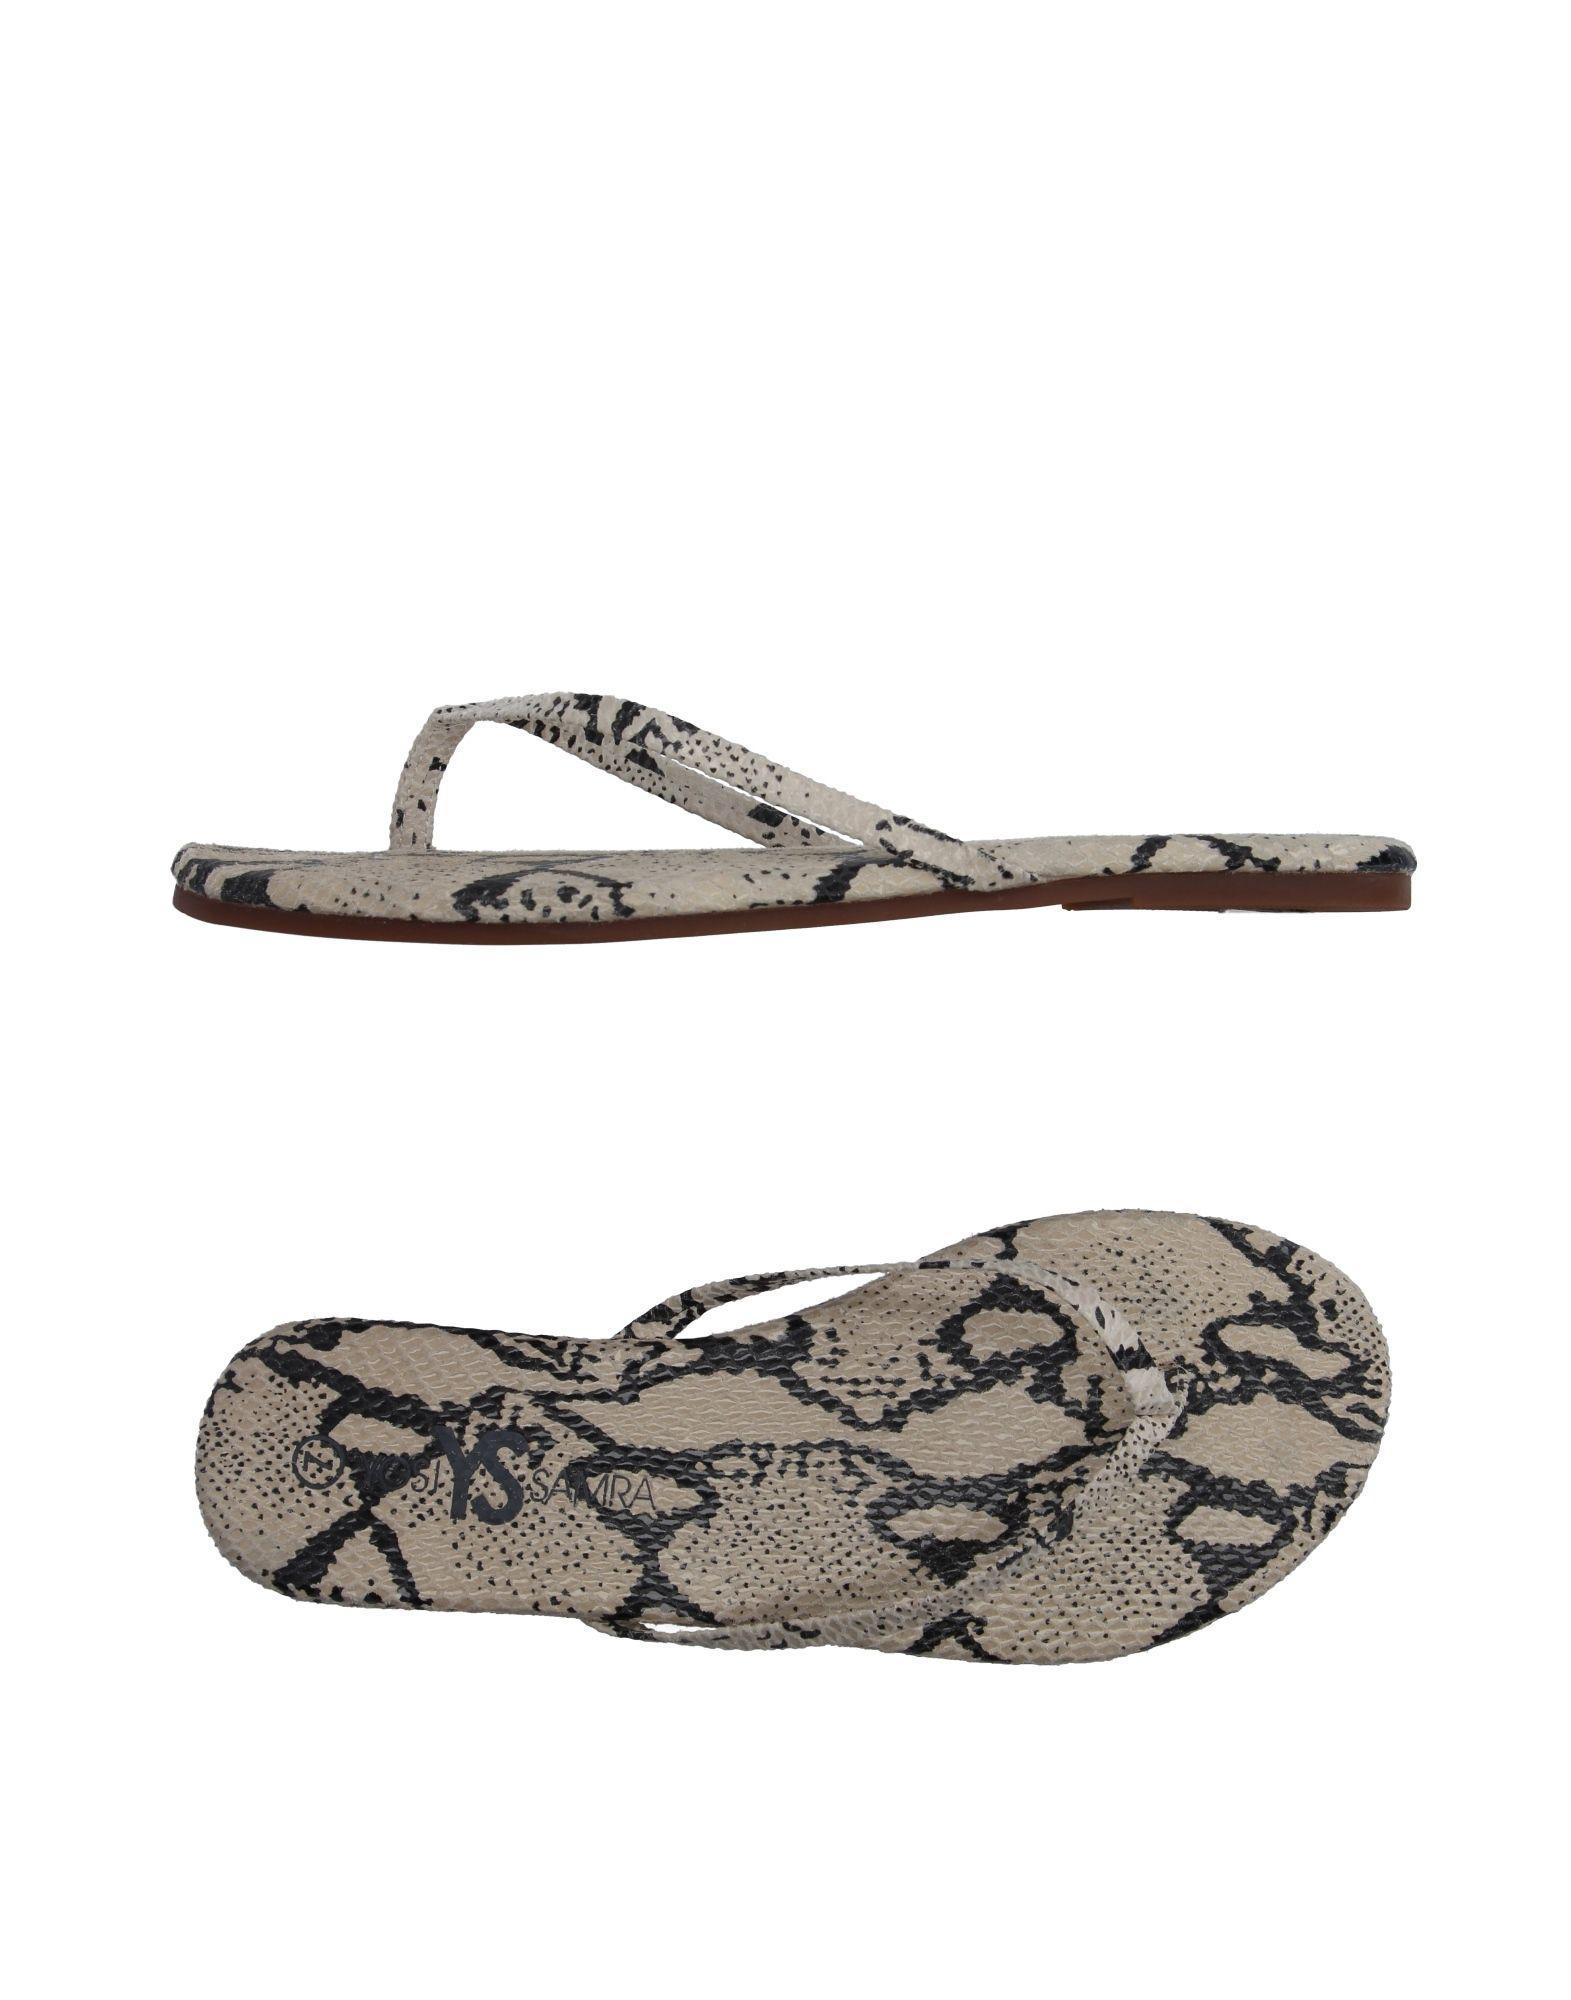 195fbe276affb Yosi Samra Toe Post Sandal in Natural - Lyst